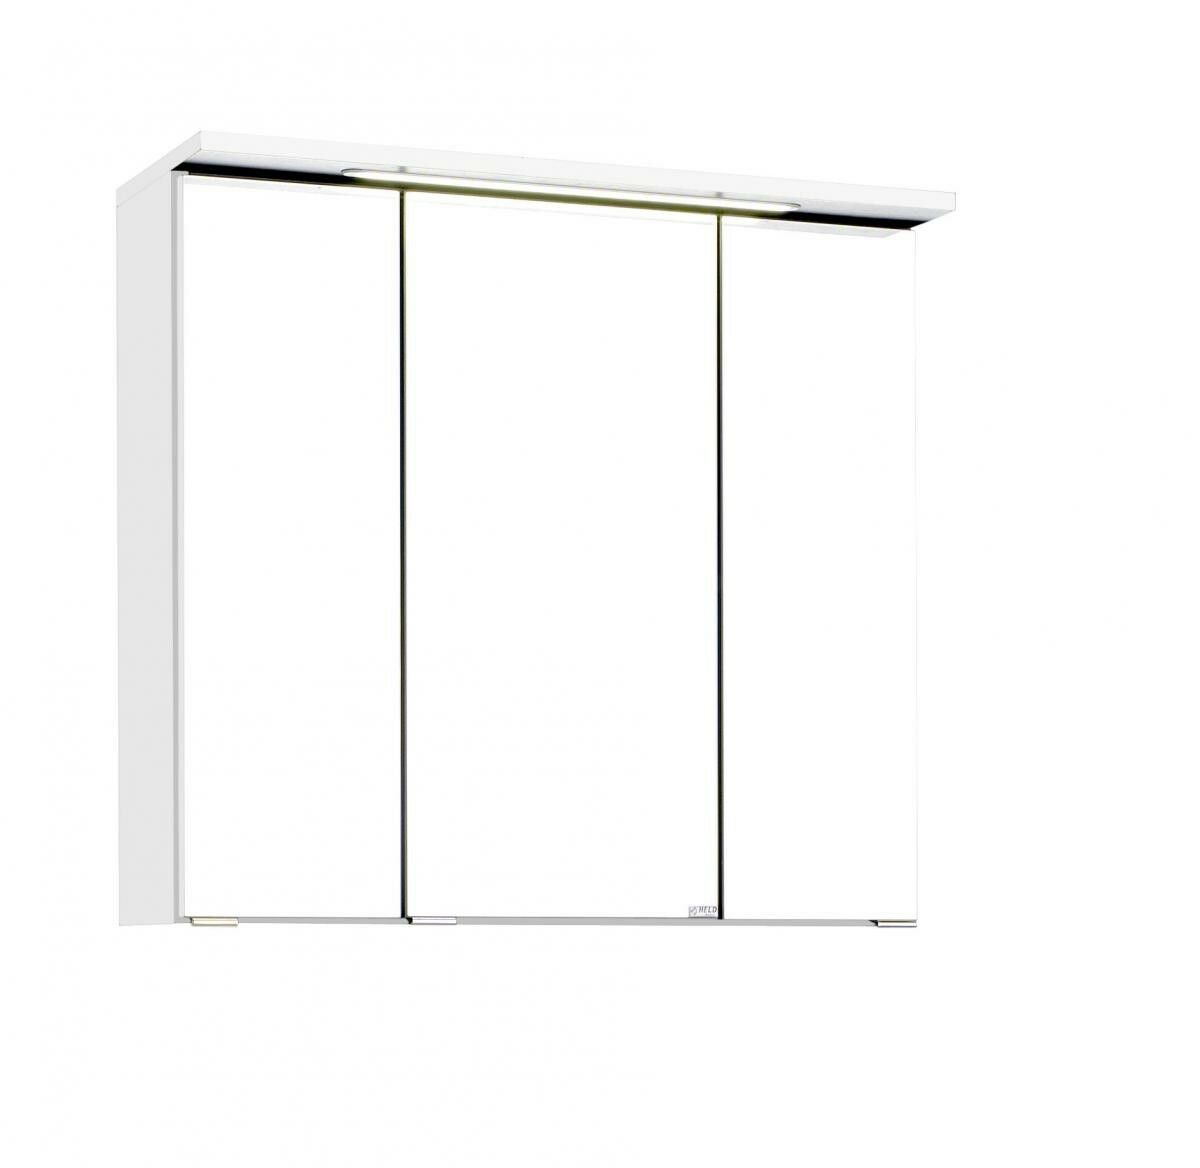 Bad Spiegelschrank Spiegelschrank Spiegelschrank 3D LED Wand Lichtspiegel B  70 cm 3 türig Held Bologna weiß 65a50c